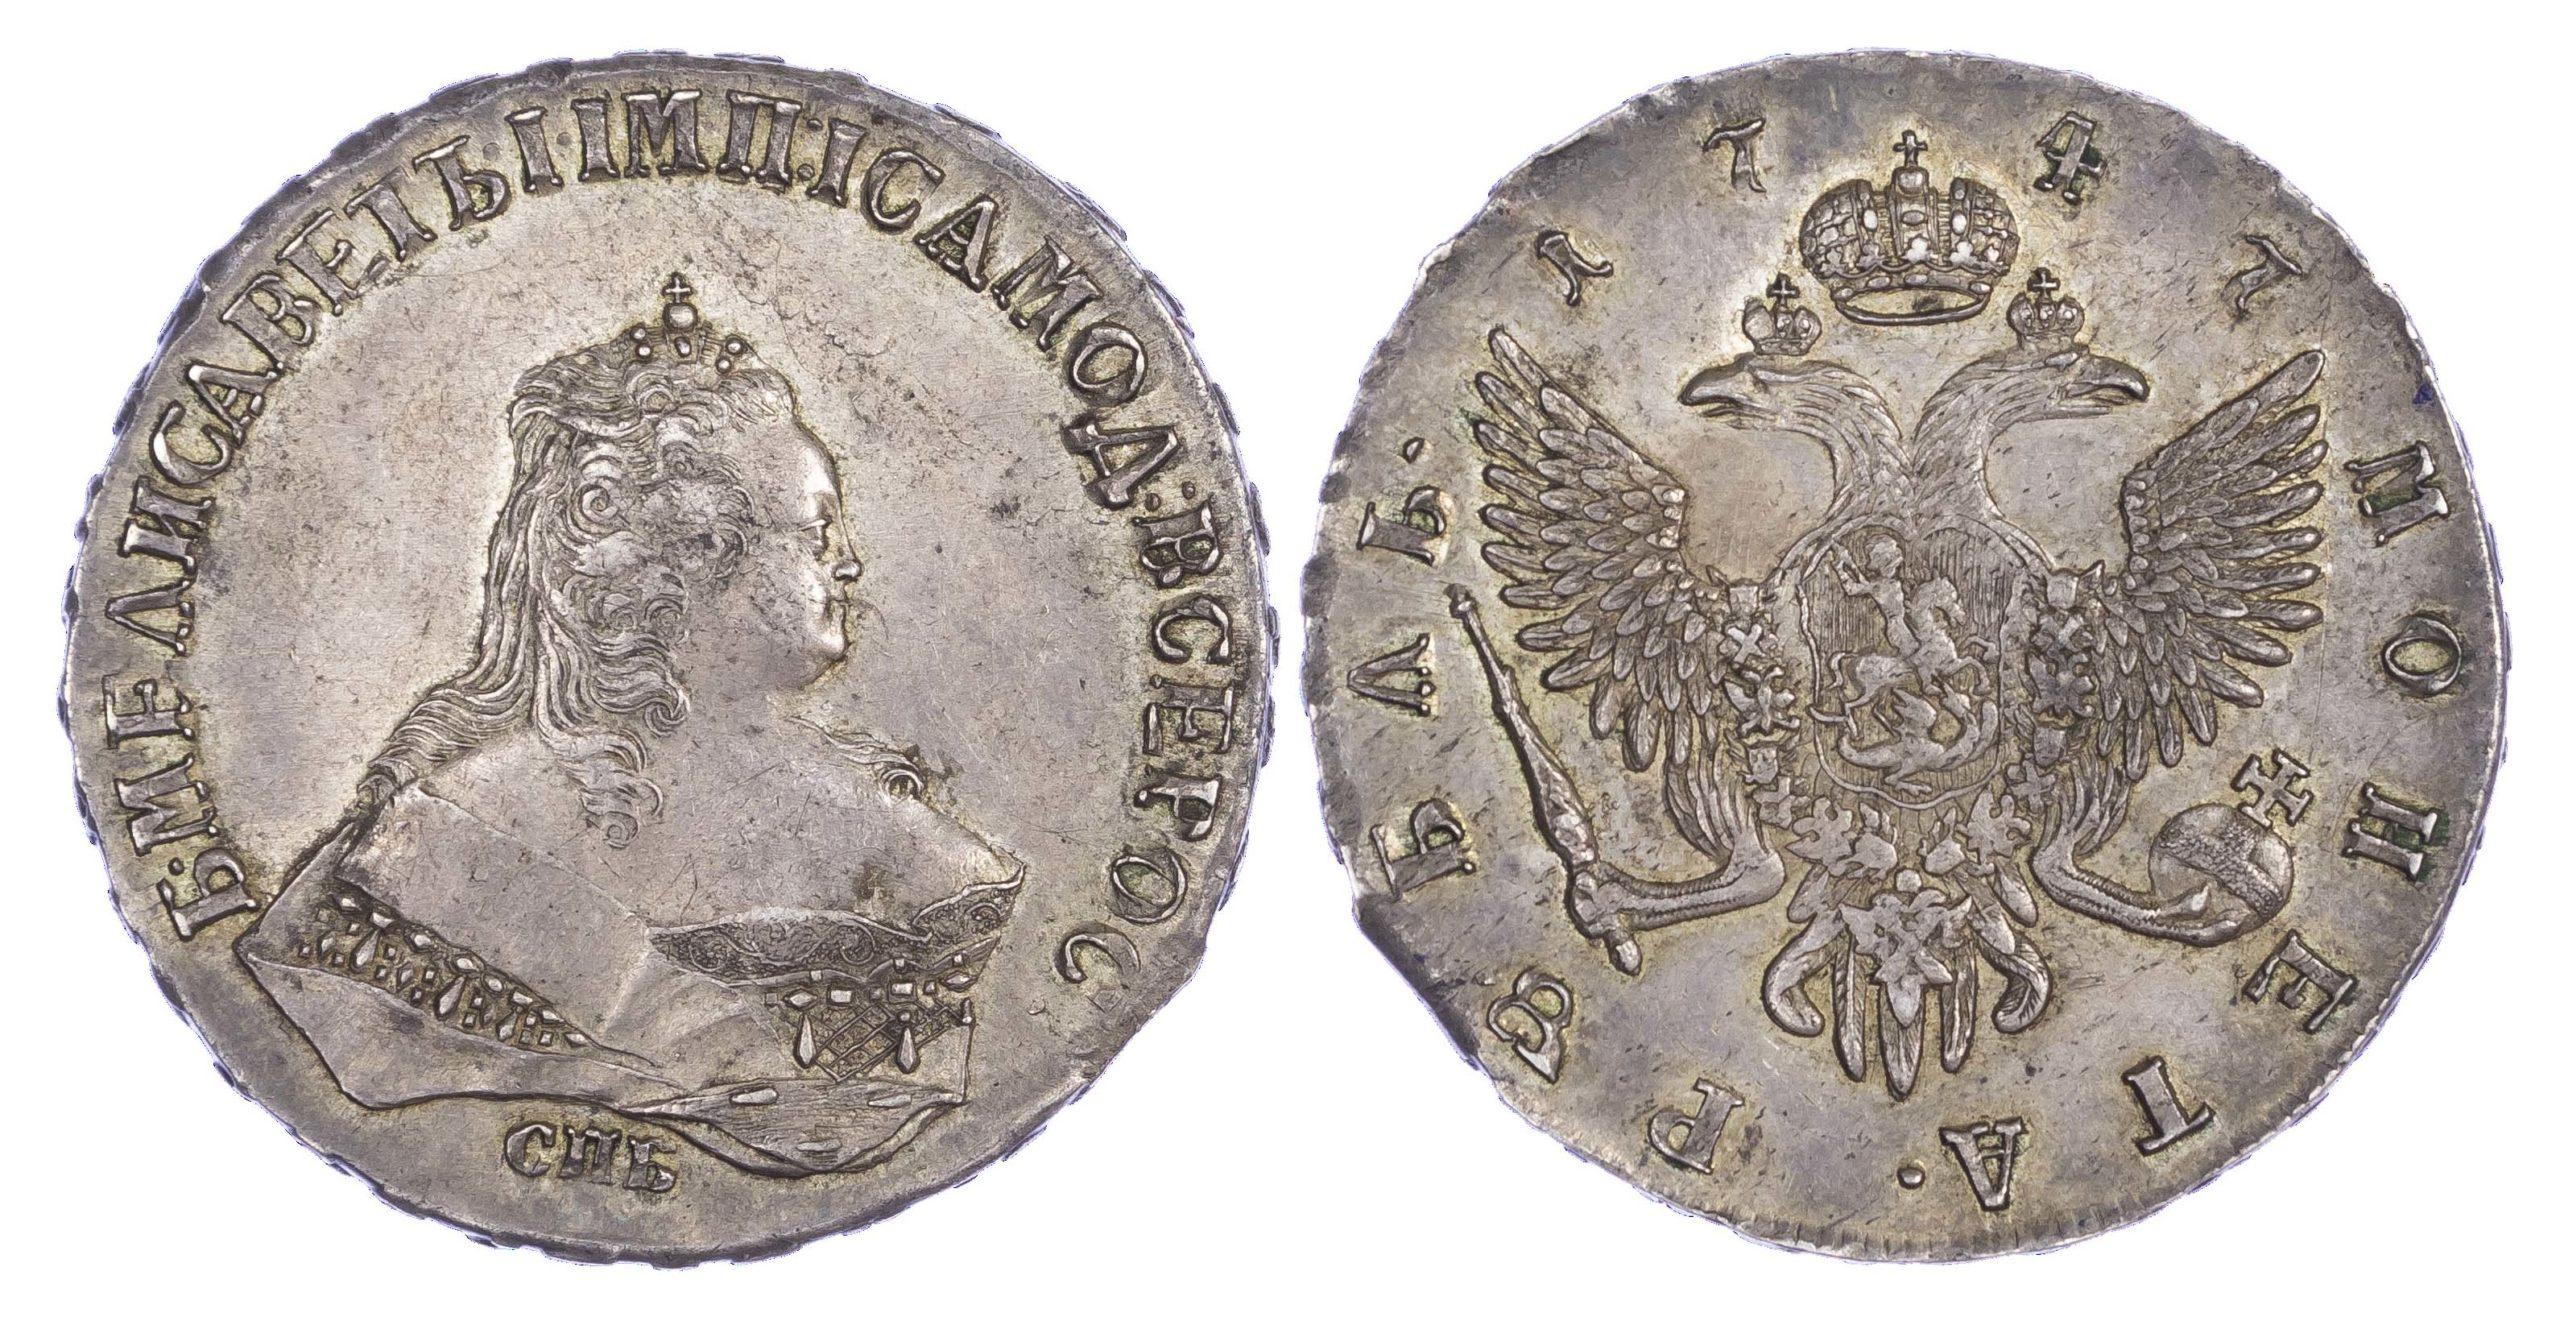 Russia, Elizabeth Petrovna (1741-62), silver Rouble, 1747